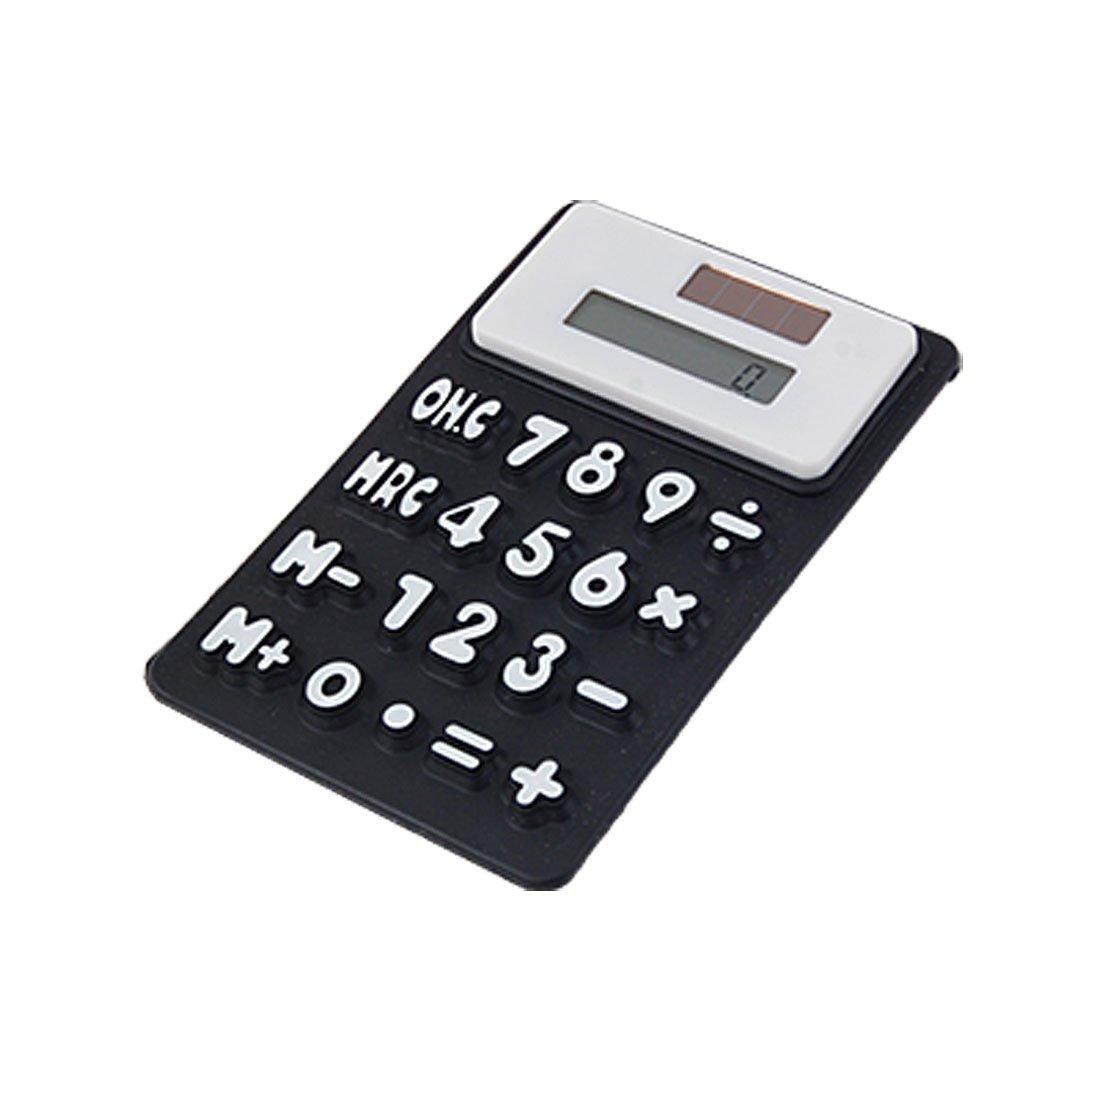 a11101800ux0265 silicone magnetico Frigo Sticker 8 cifre Calcolatrice, Nero / Bianco